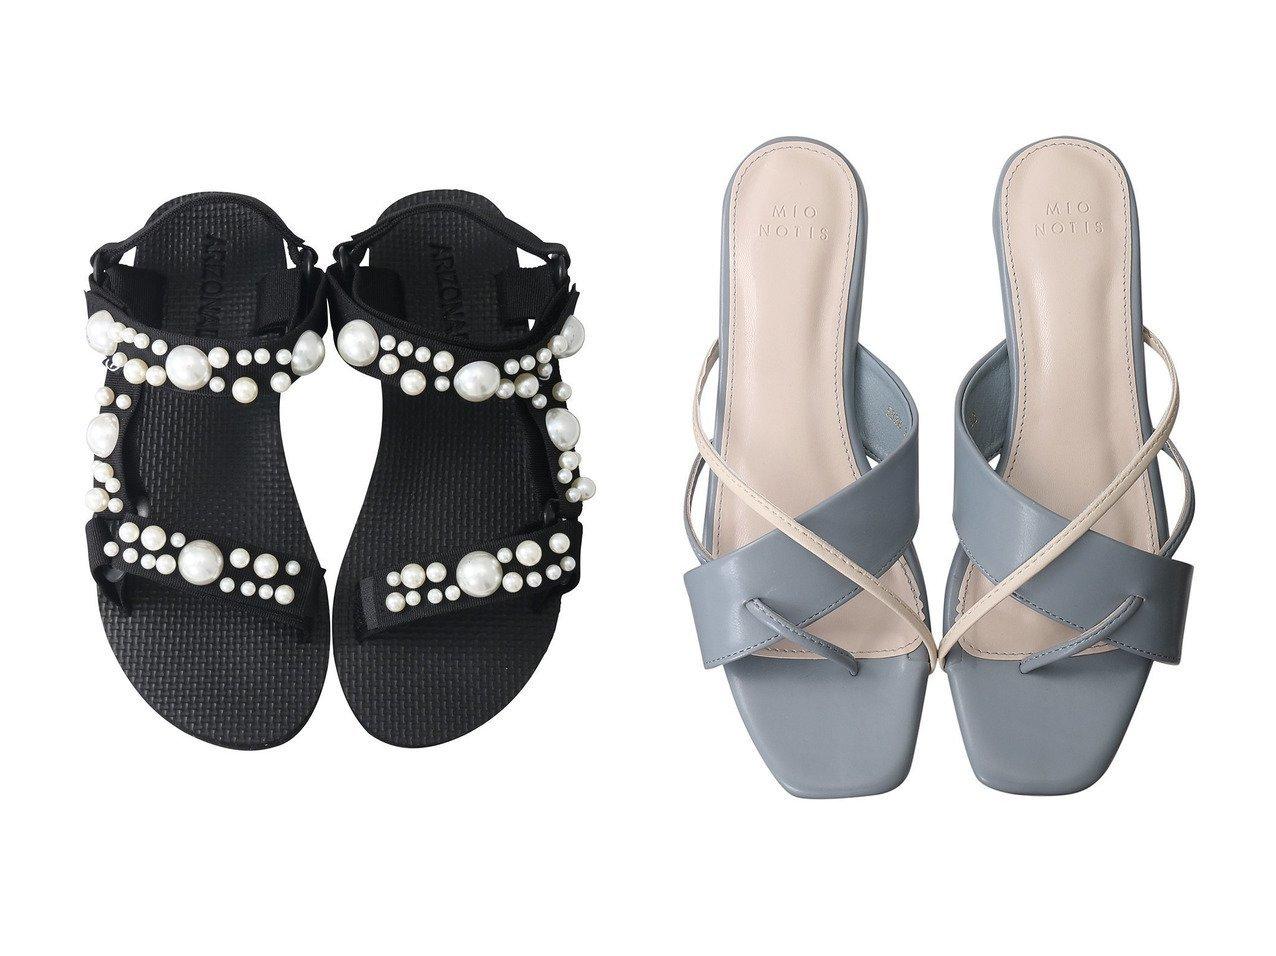 【martinique/マルティニーク】の【ARIZONA LOVE】TREKKY PEARL サンダル&【Esmeralda/エスメラルダ】の【MIO NOTIS】デザインフラットサンダル 【シューズ・靴】おすすめ!人気、トレンド・レディースファッションの通販 おすすめで人気の流行・トレンド、ファッションの通販商品 インテリア・家具・メンズファッション・キッズファッション・レディースファッション・服の通販 founy(ファニー) https://founy.com/ ファッション Fashion レディースファッション WOMEN サンダル フラット S/S・春夏 SS・Spring/Summer クッション パール フィット 夏 Summer 春 Spring |ID:crp329100000053498